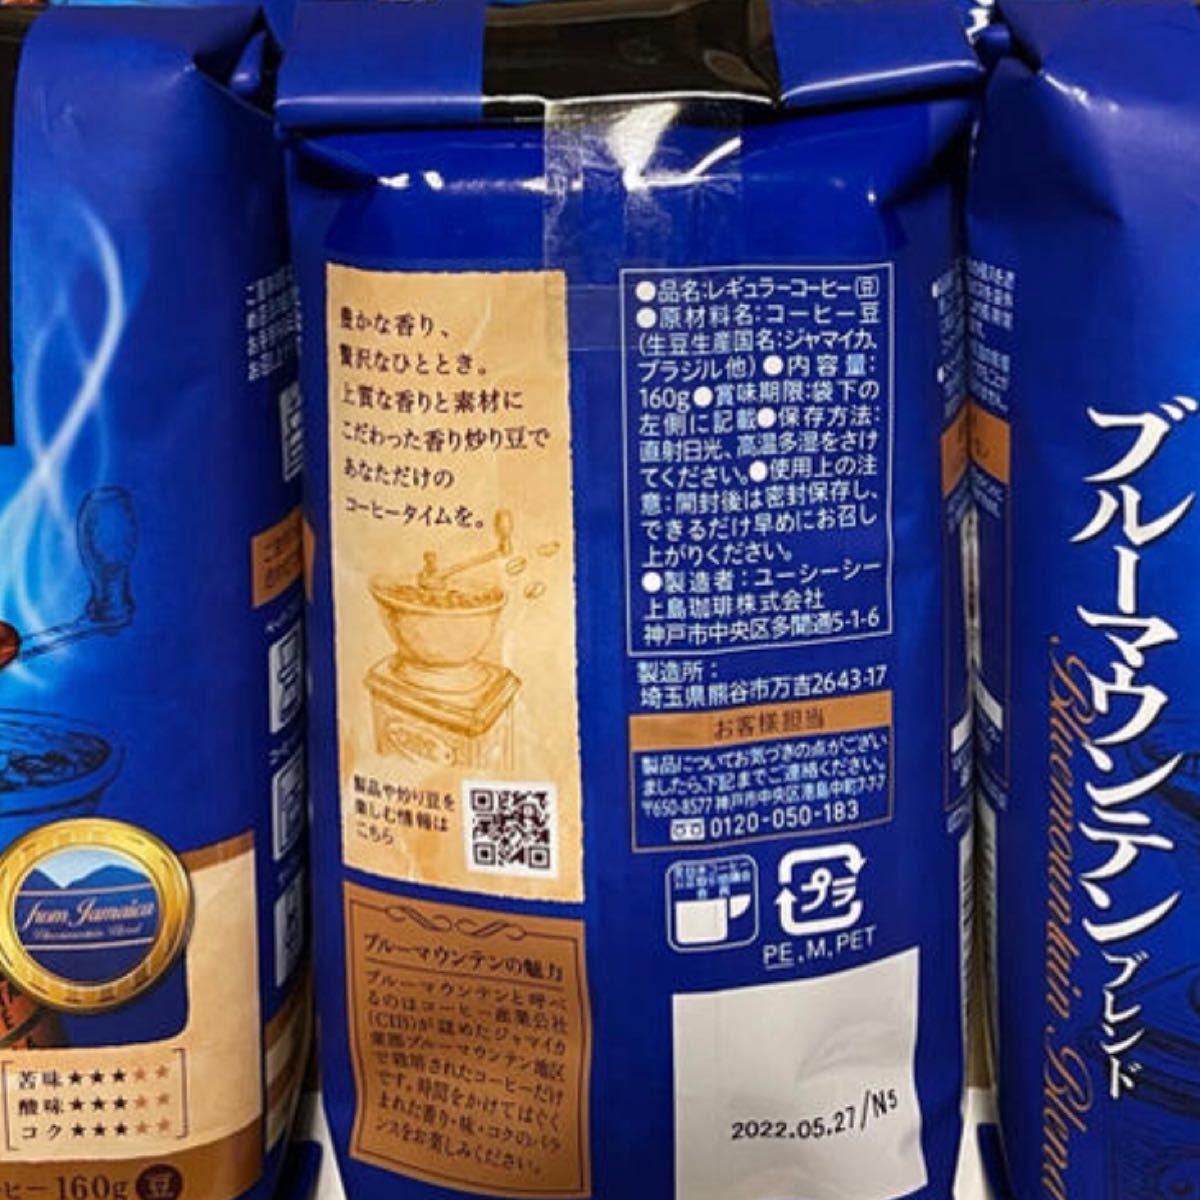 コーヒー豆 UCC ブルーマウンテンブレンド 160g3パック